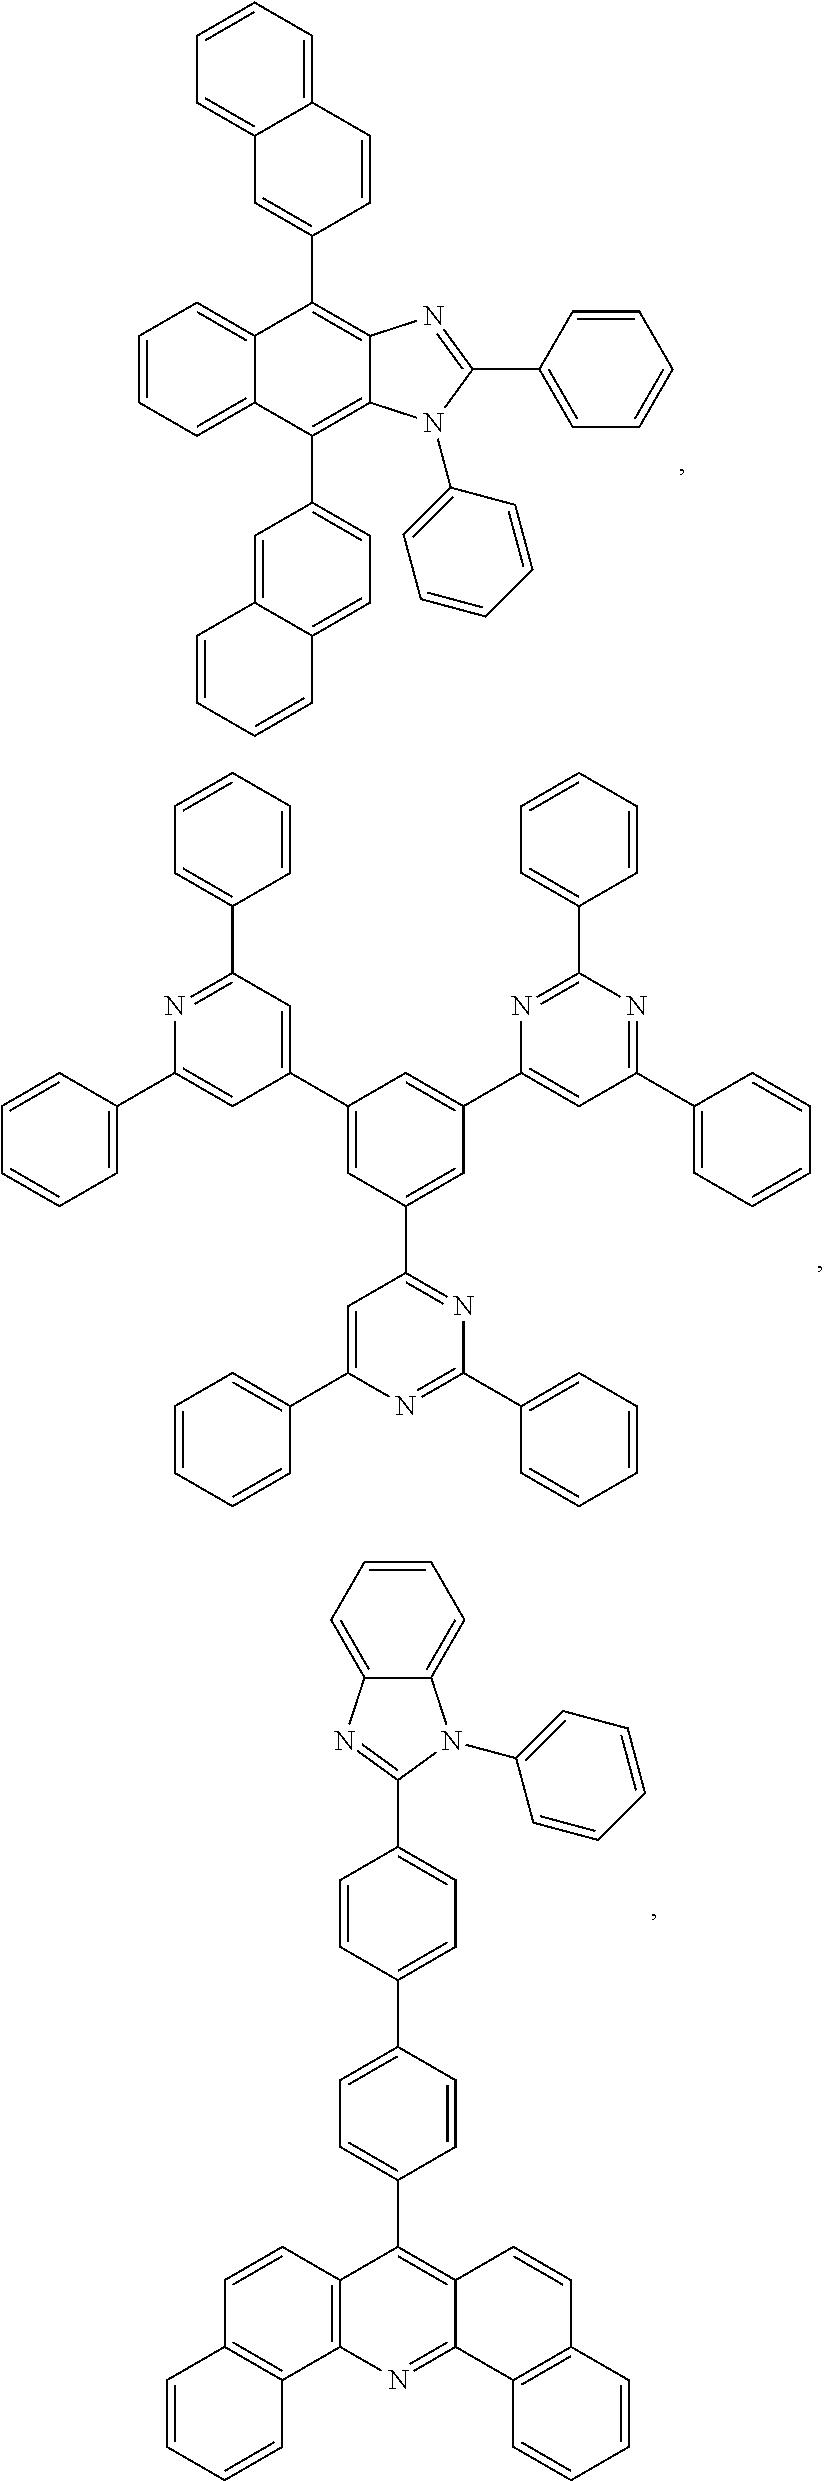 Figure US20180130962A1-20180510-C00203